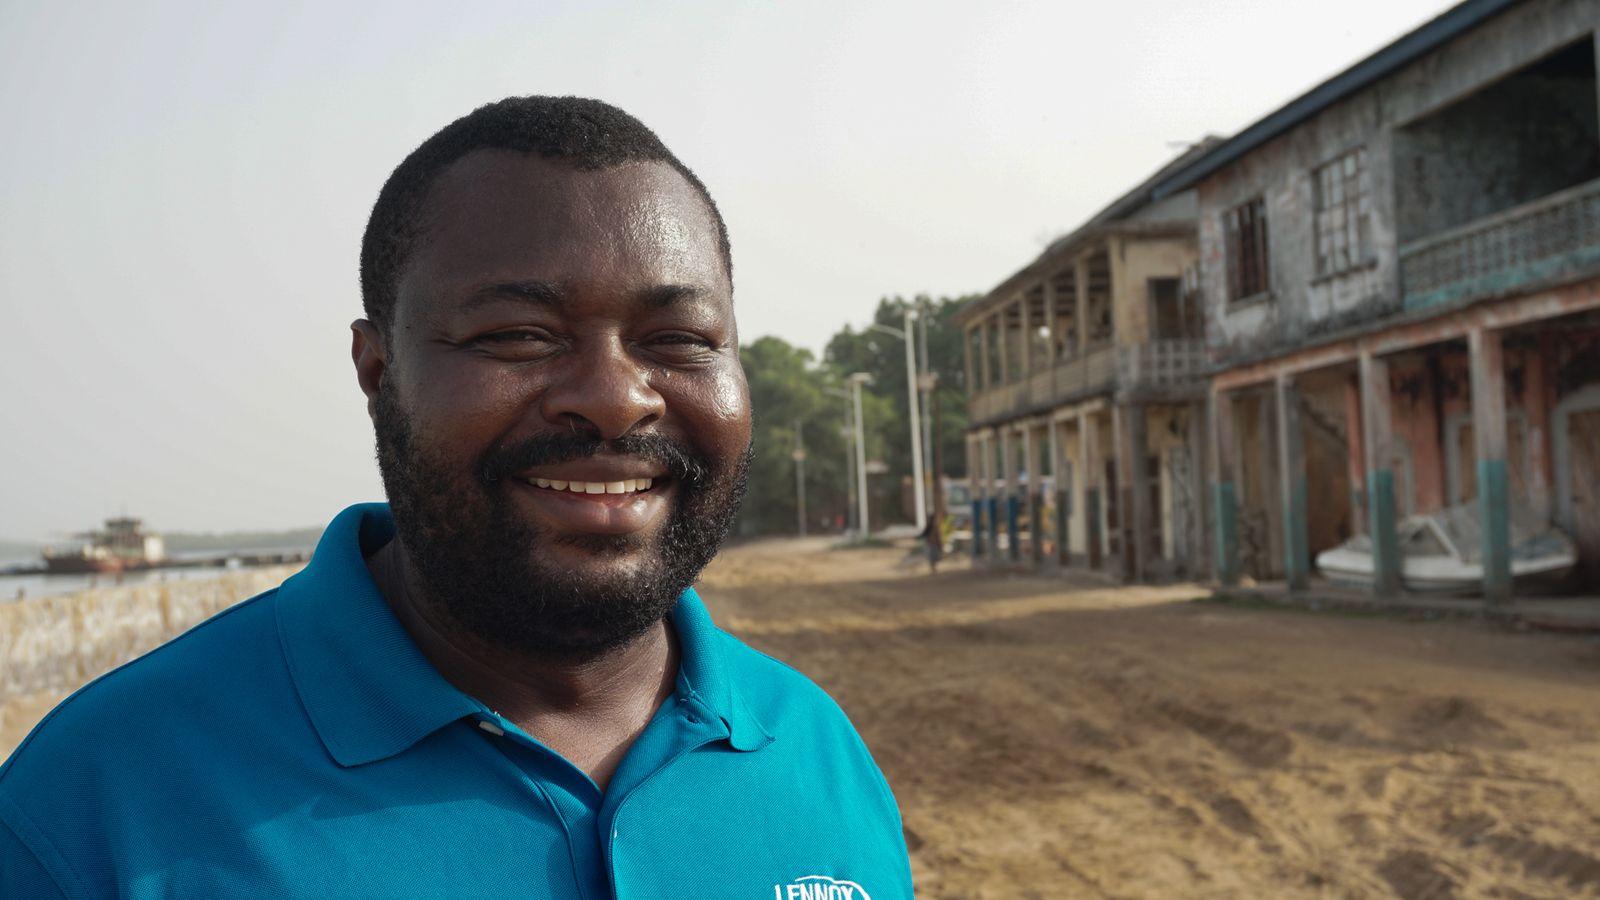 Layemin Joe Sandi, der Bürgermeister von Bonthe. Er zählt zu den aktivsten Politikern in Sachen Vorbereitung auf den Klimawandel in Sierra Leone und hat sich für den Schutzwall in Bonthe eingesetzt - Alicia Prager